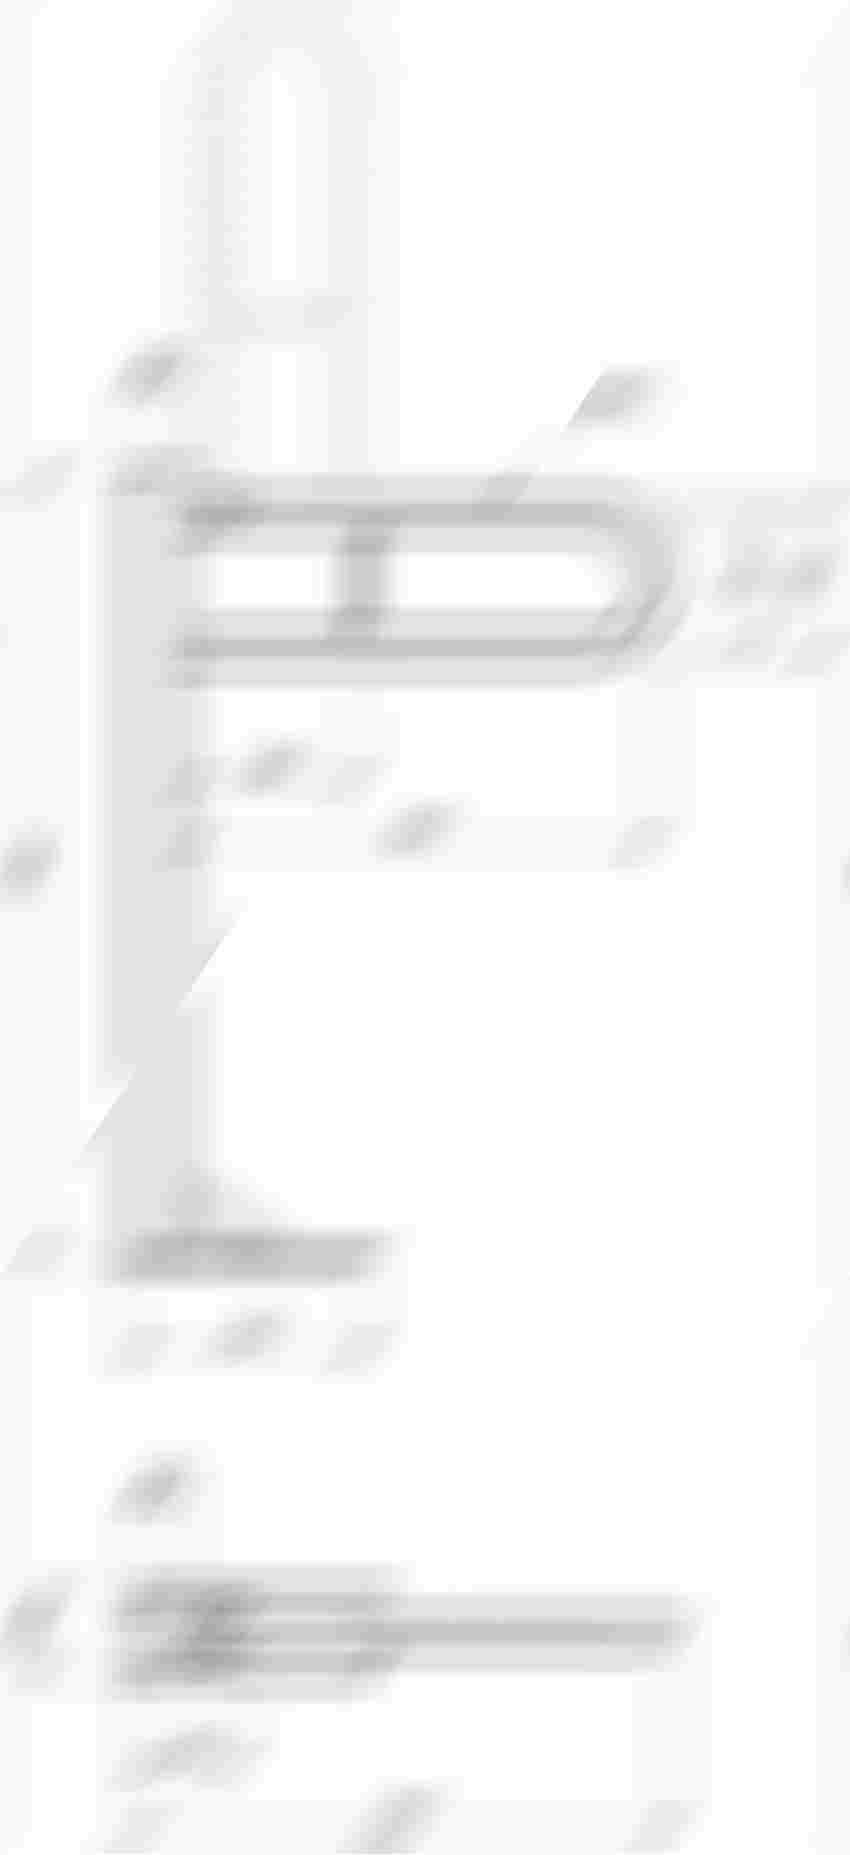 Poręcz WC uchylna łukowa stojąca 60 cm powierzchnia falista Koło Lehnen Funktion rysunek techniczny